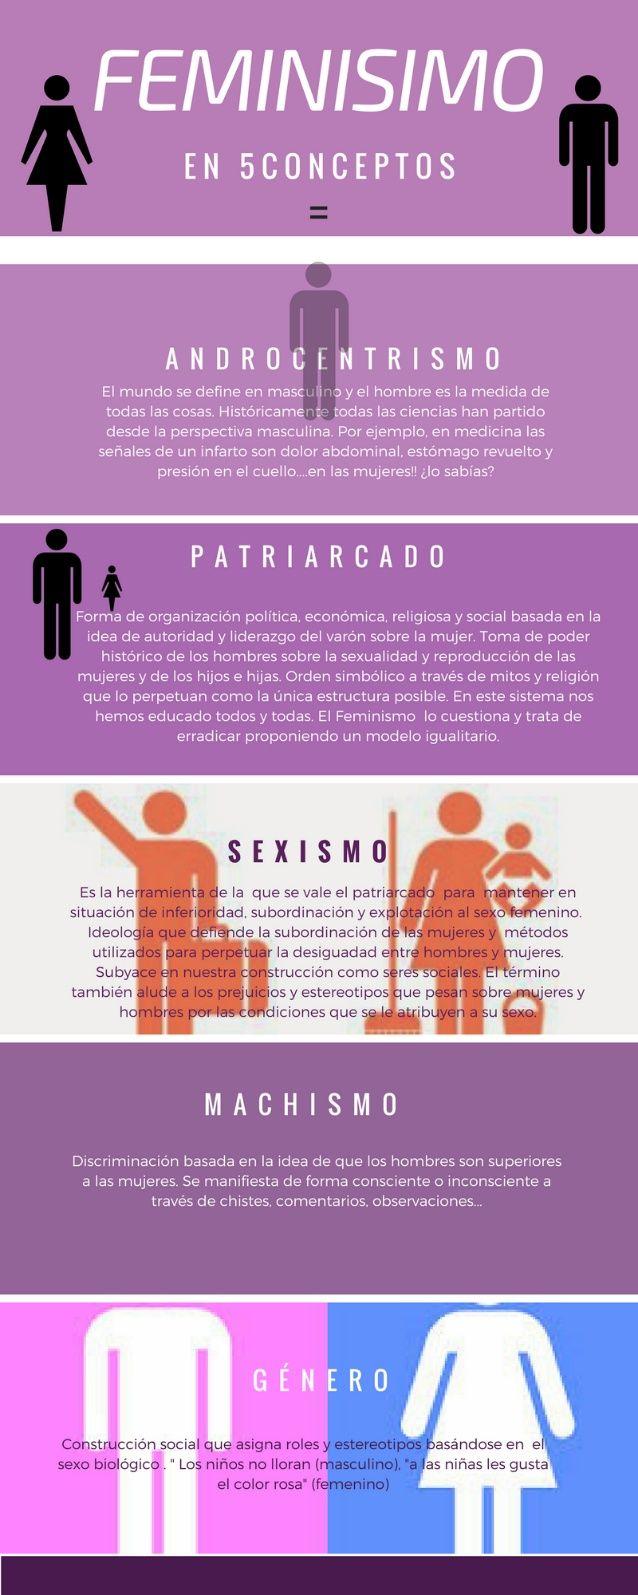 Infografia feminismo 5 conceptos zz